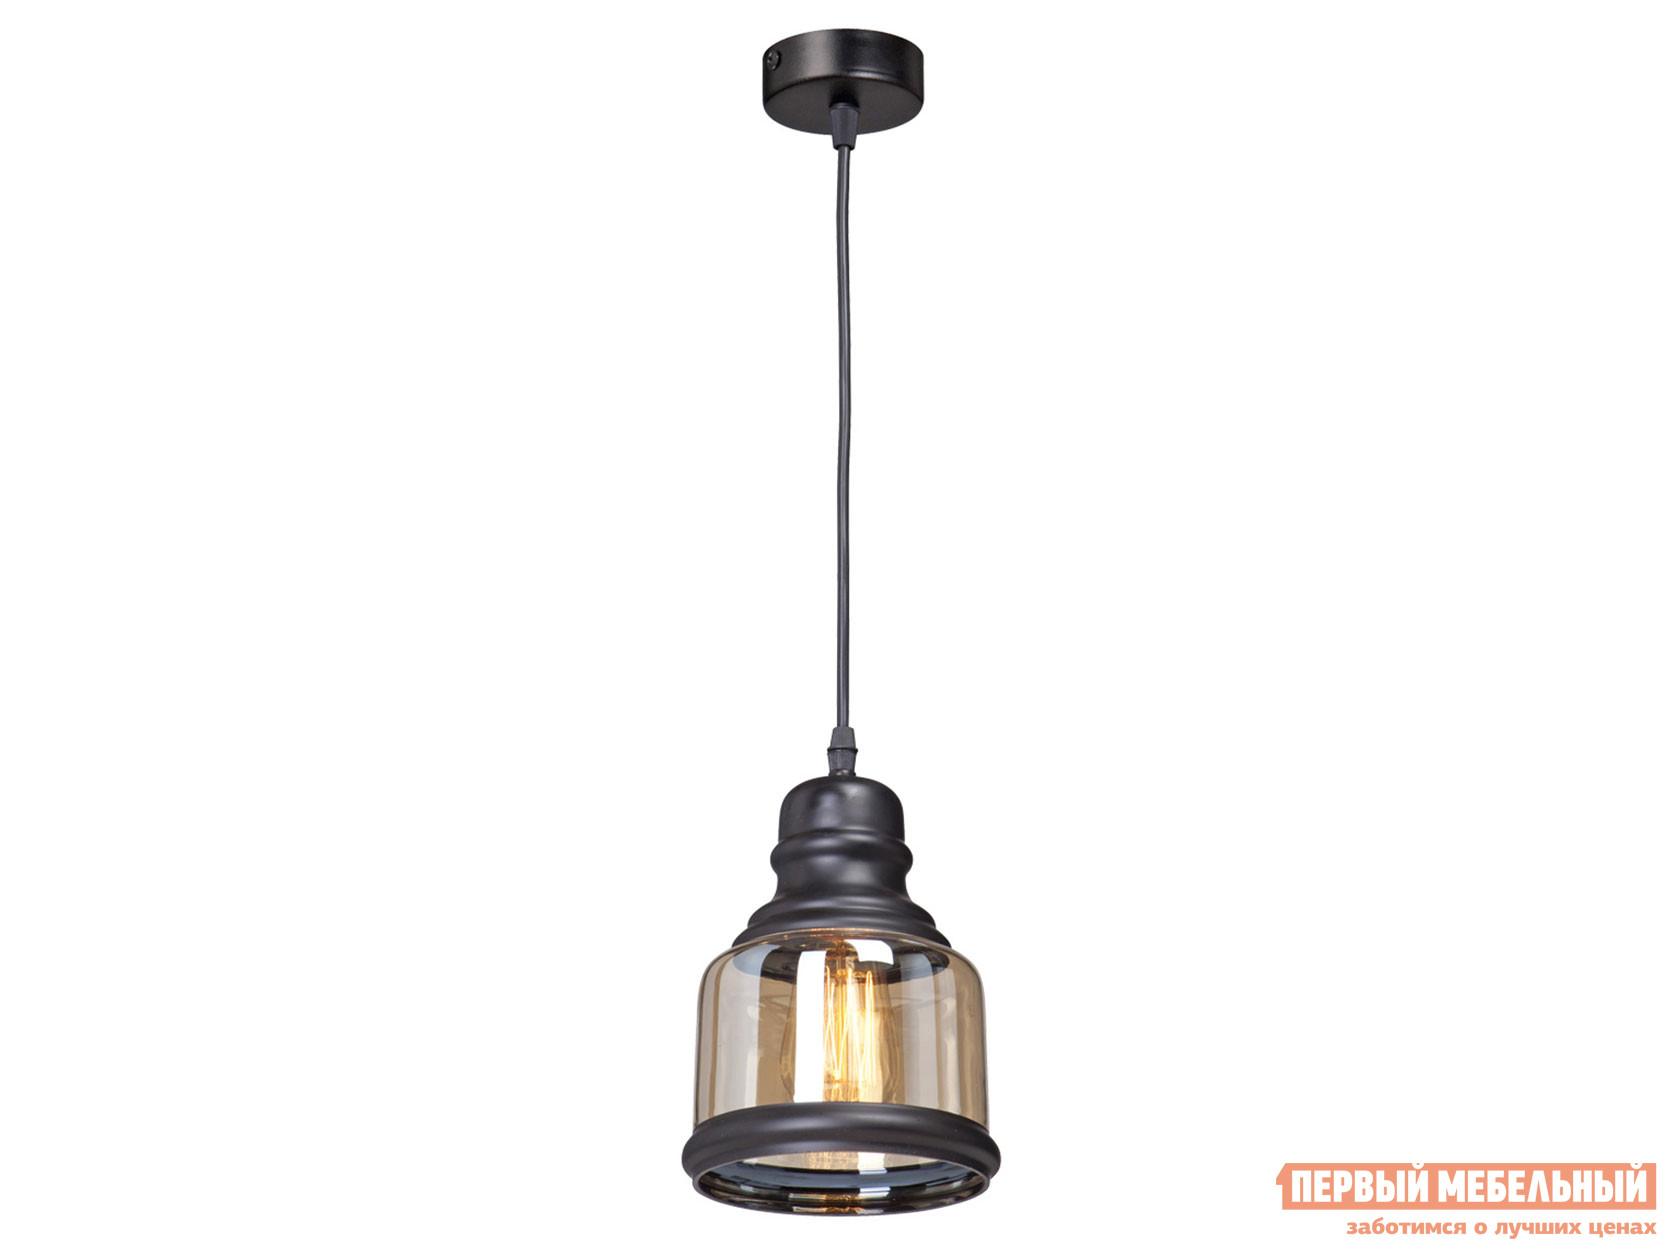 Подвесной светильник КСК-электро Люстра V4532-1/1S